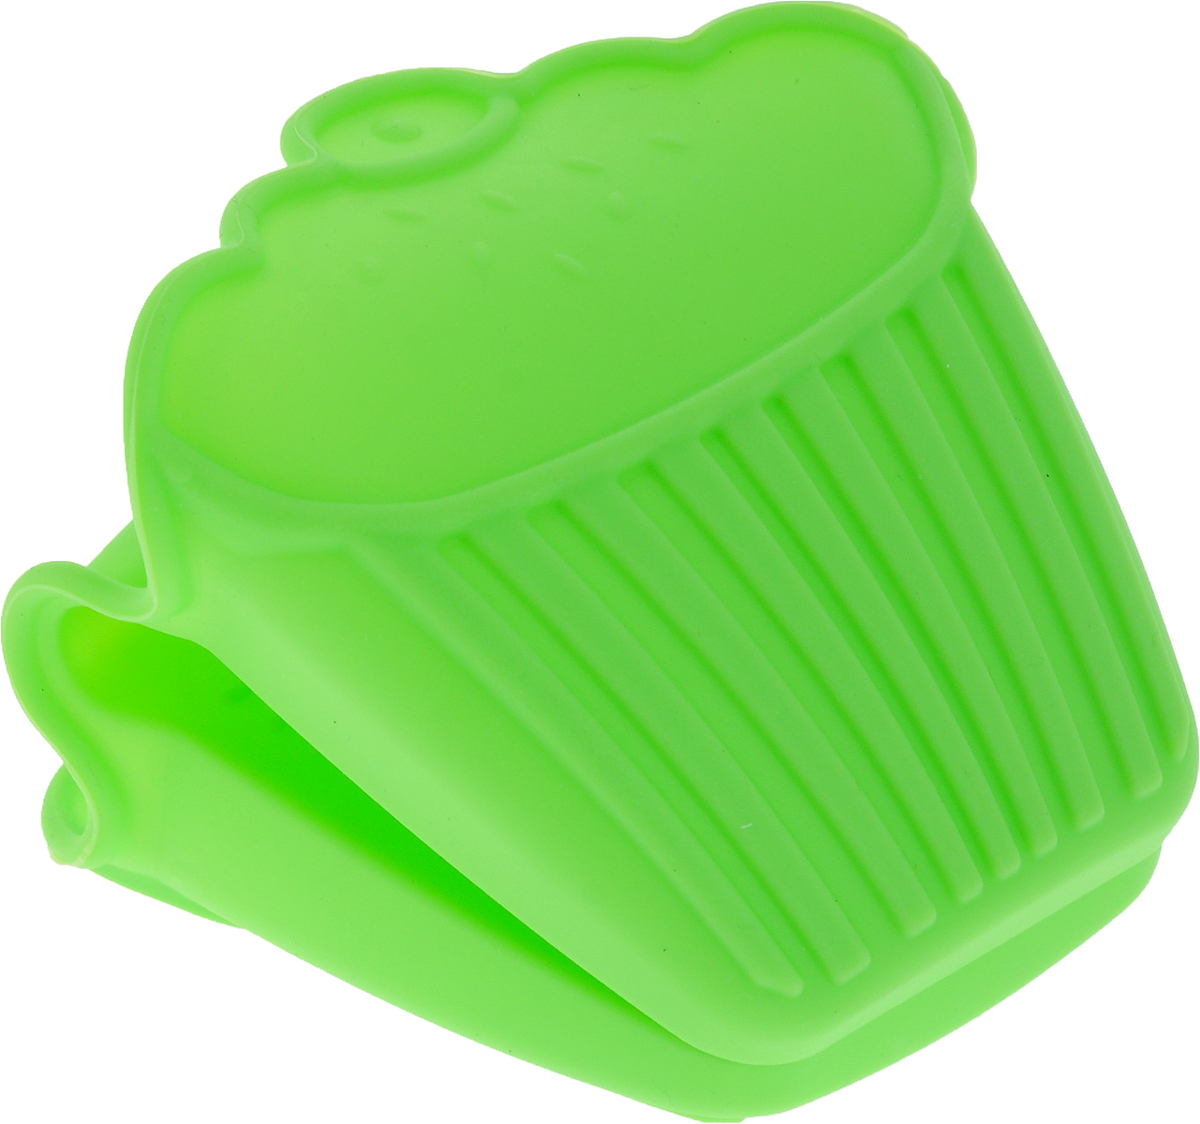 Прихватка для горячего Доляна Капкейк, цвет: салатовый, 10,5 х 8 х 9,5 см1865849_салатовыйЕсли необходимо слить горячую воду из кастрюли или вынуть посуду из горячей духовки или СВЧ-печи, то без прихватки не обойтись. Главными её достоинствами должны быть безопасность и надежность, а с этими задачами превосходно справляются прихватки из силикона. Популярный материал получил широкое распространение во всех областях нашей жизни. Уникальные свойства силикона позволяют создавать оригинальные и практичные вещи, которые отвечают требованиям безопасности, долговечности и эффективности. Оригинальный дизайн прихваток создает радостную атмосферу на кухне. Силиконовые прихватки надежно защищают руки от ожогов, а рифленая поверхность гарантирует, что посуда или другие предметы домашнего обихода не выскользнут. Дополнительное преимущество силиконовых прихваток – практичность. Их можно мыть традиционным способом или в посудомоечной машине. Силикон отличается своей жаропрочностью и выдерживает температуру от -40?С до +250?С.